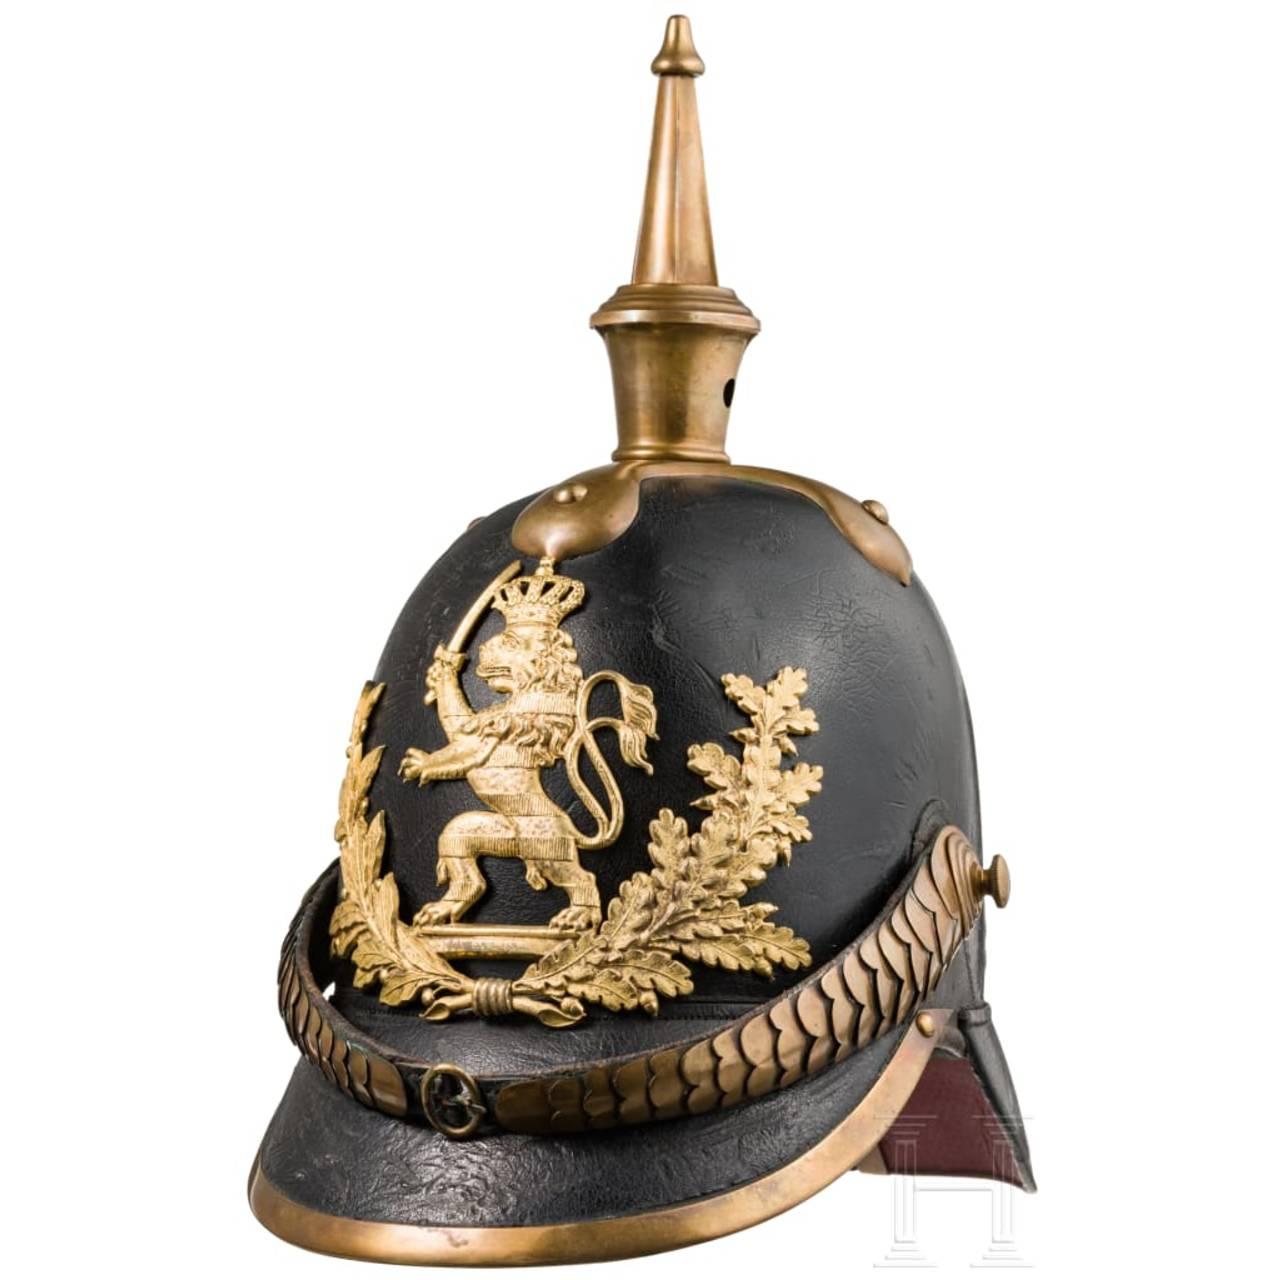 Helm M 1849 für Offiziere der Infanterie